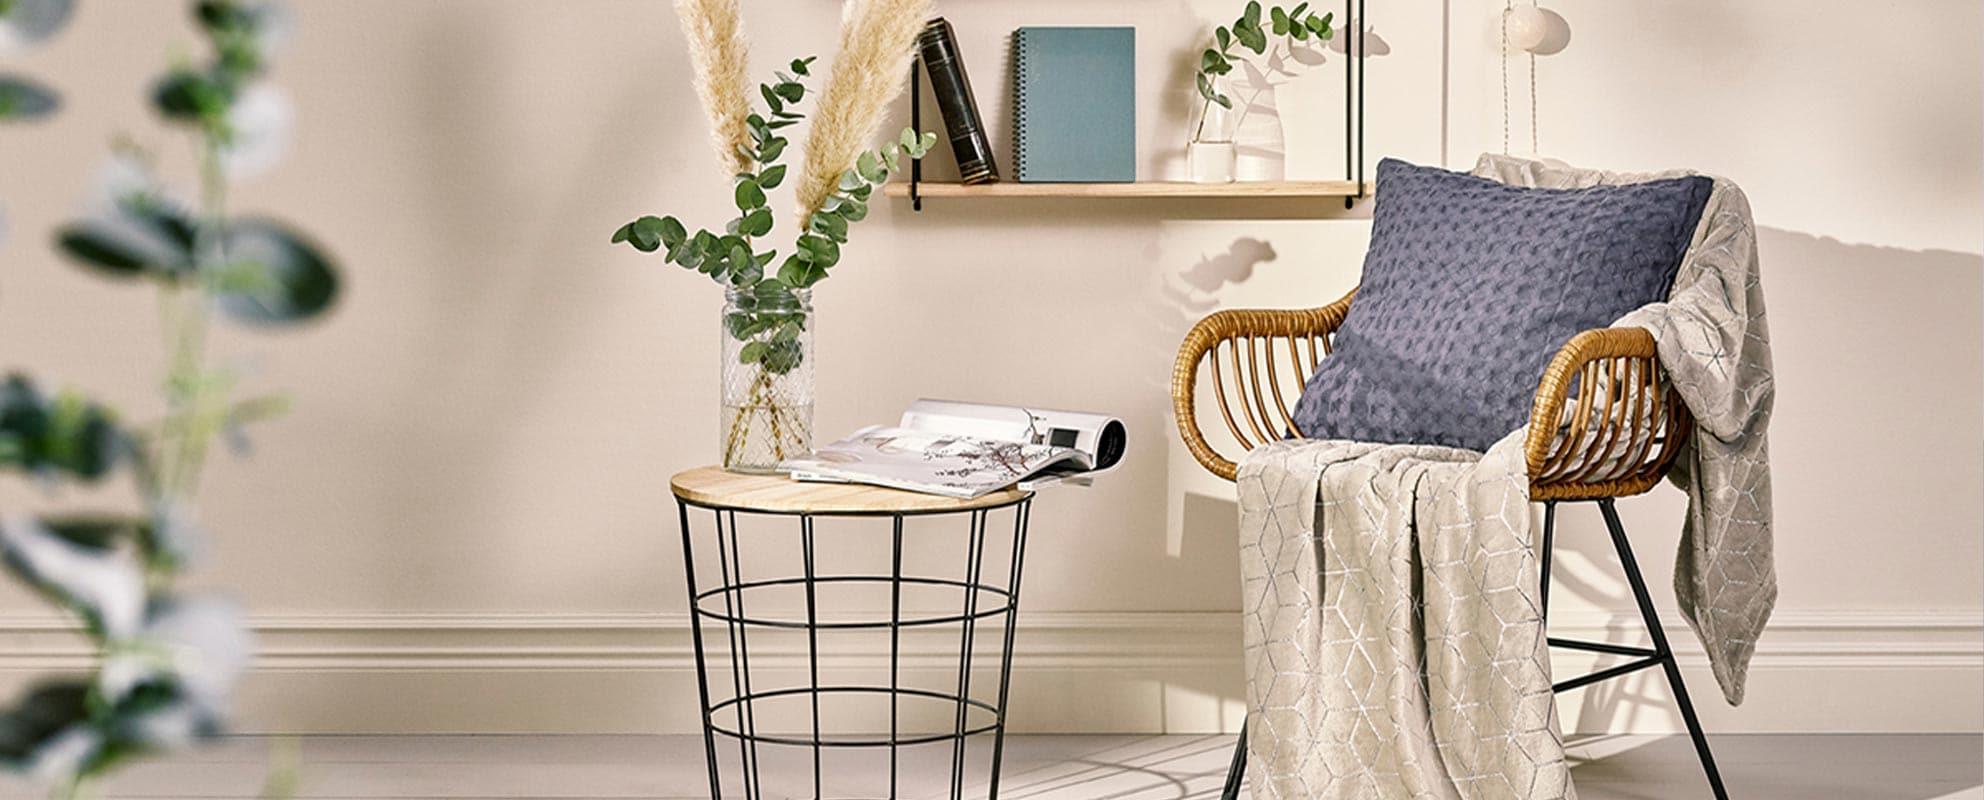 Utforska vårt sortiment av småmöbler